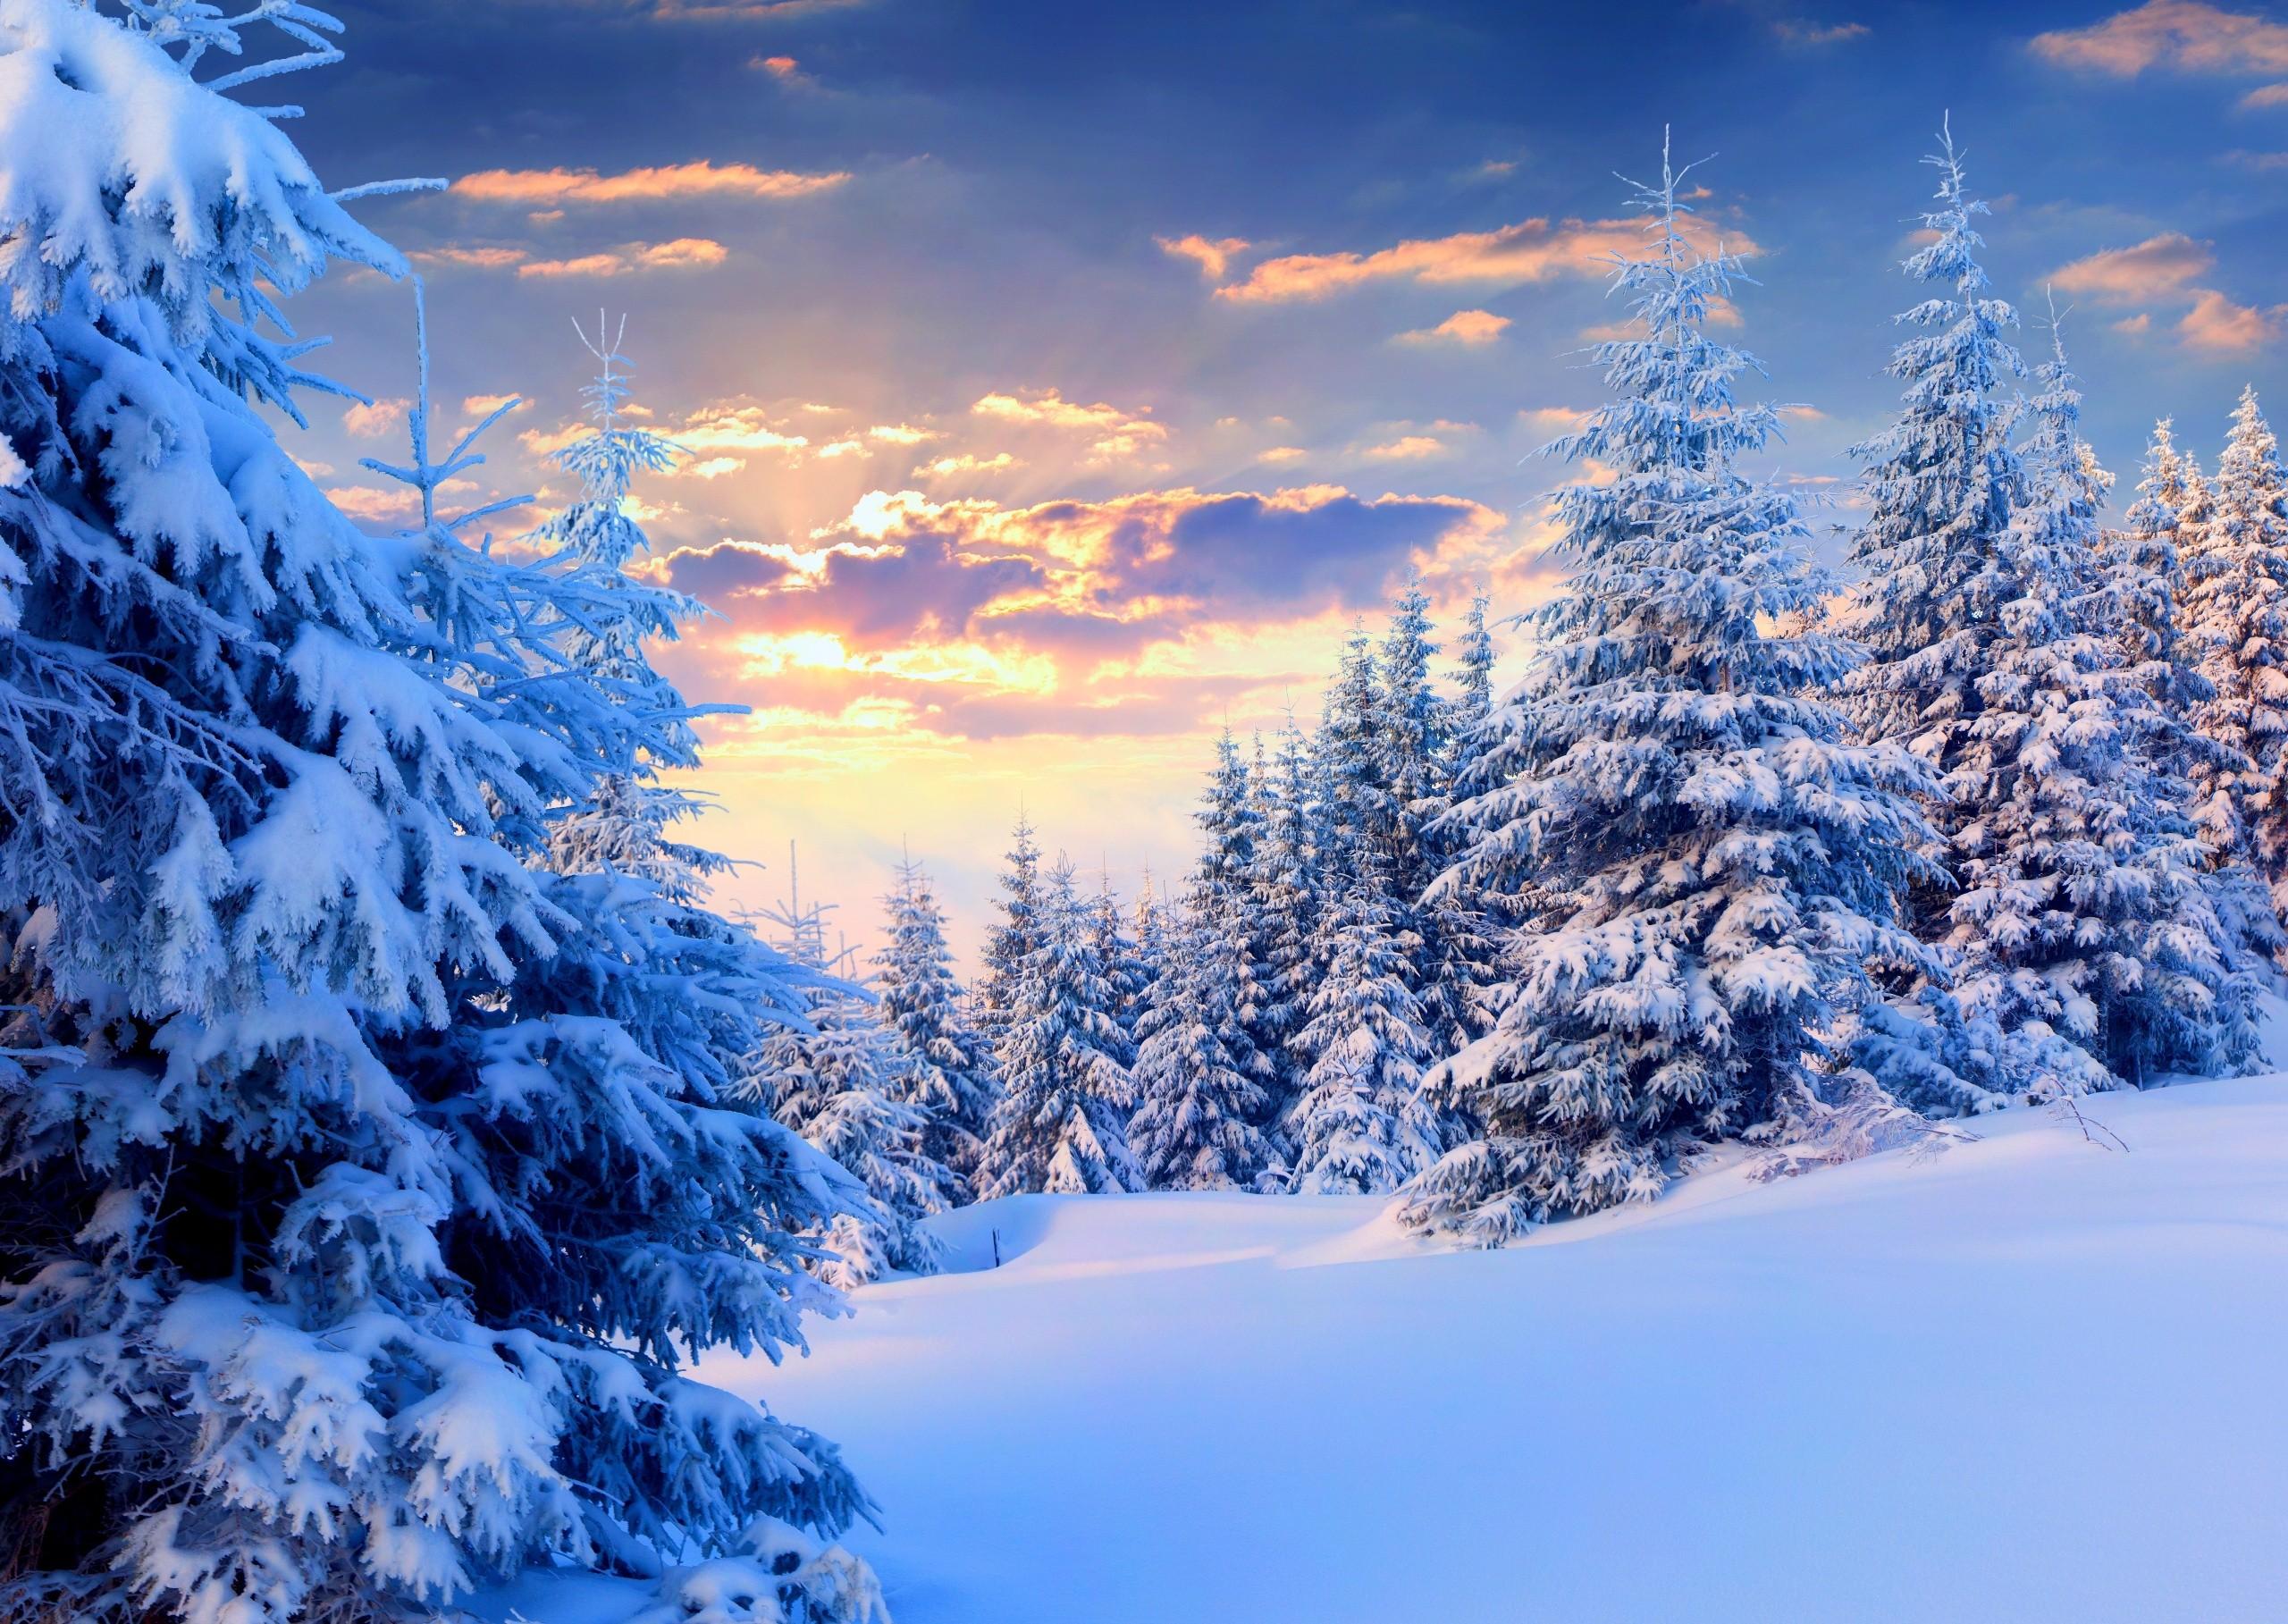 зимние пейзажи для открыток полноценная семейная усадьба